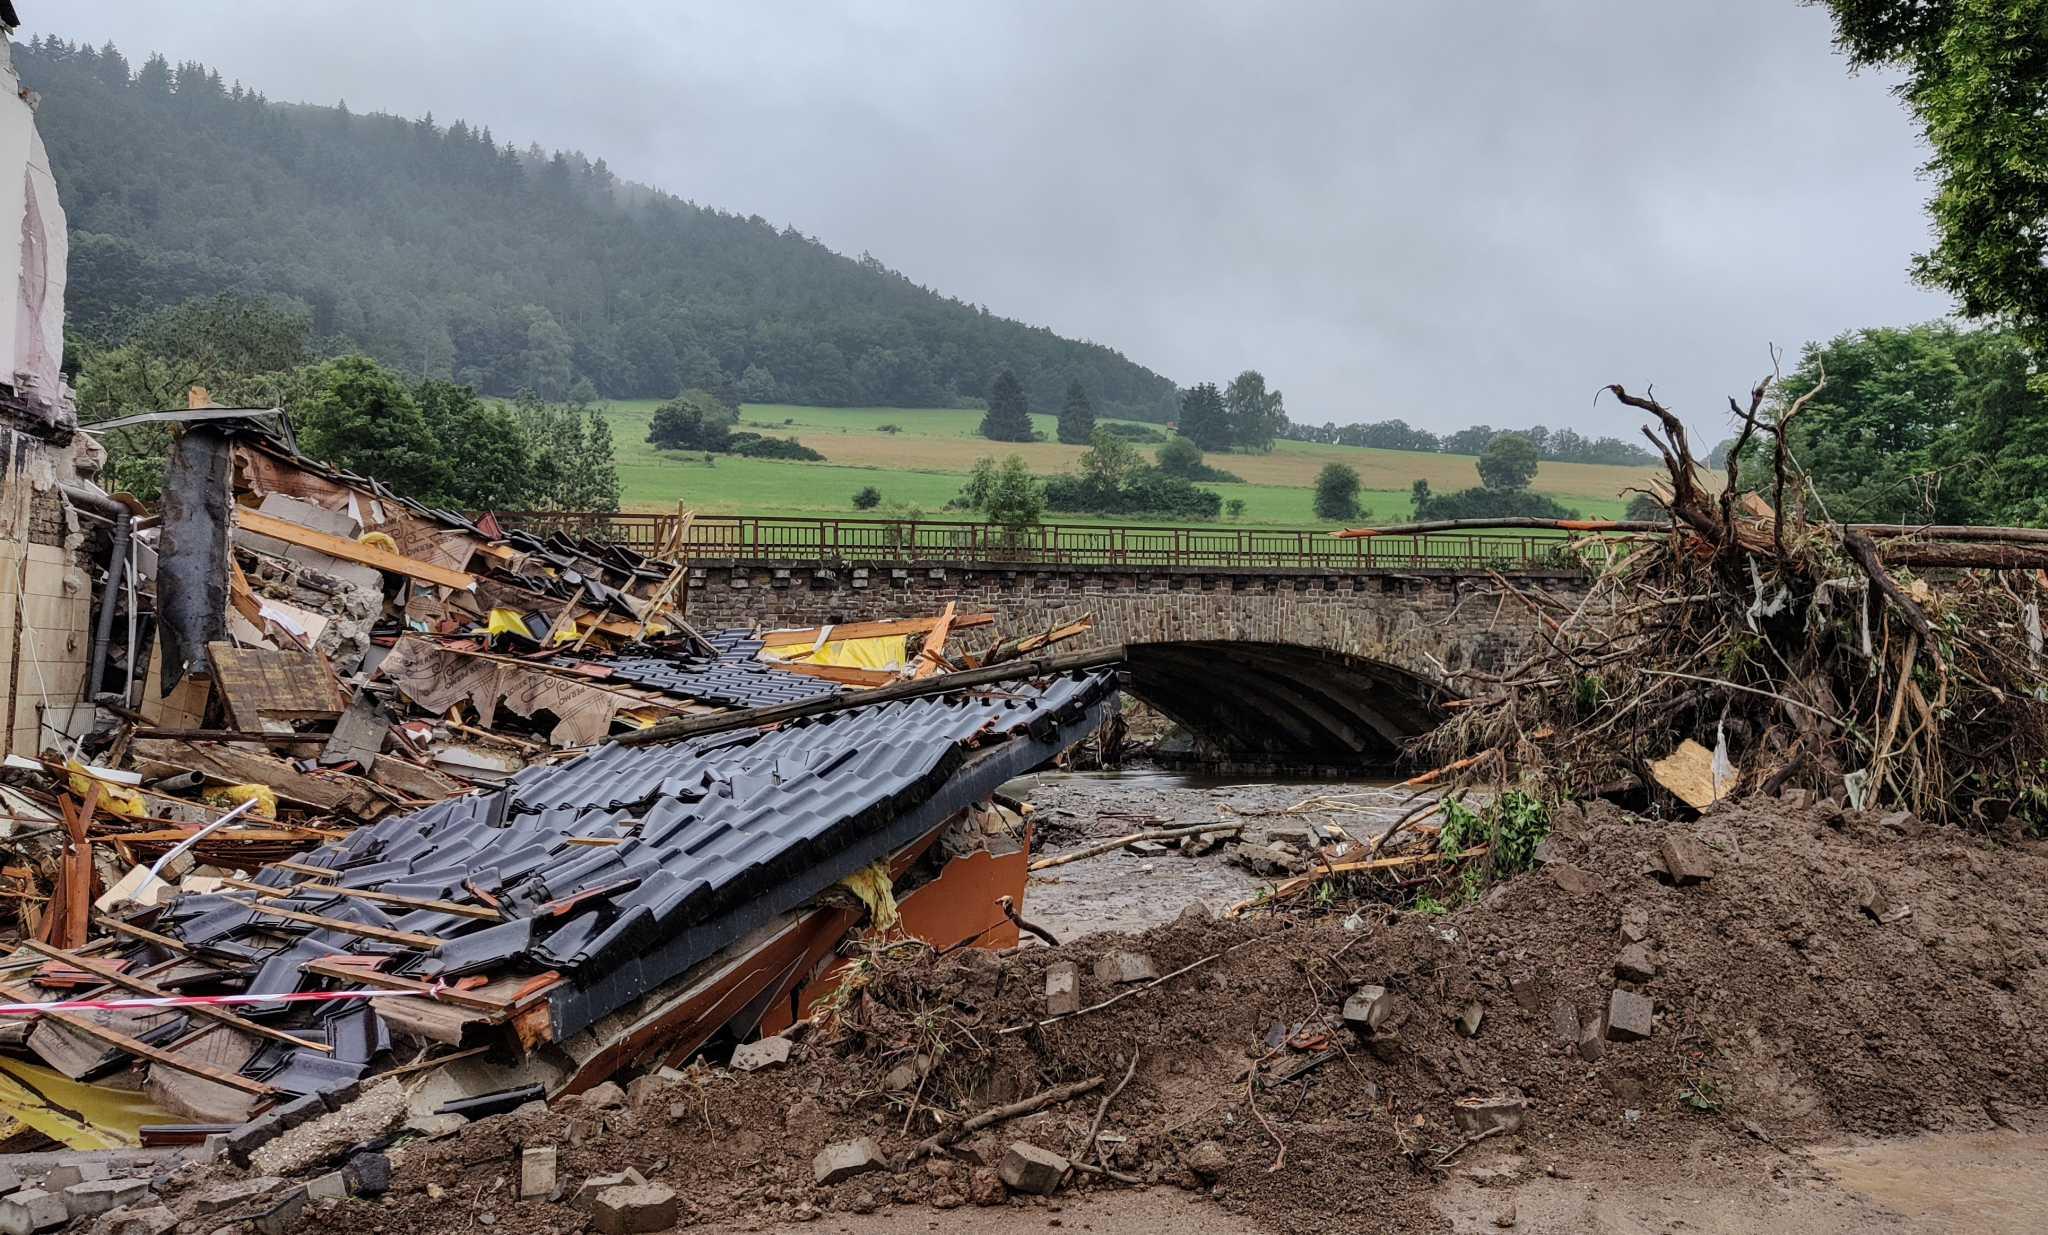 Γερμανία: 93 οι νεκροί από τις φονικές πλημμύρες – Και νέα μεγάλη κατολίσθηση στην Κολωνία